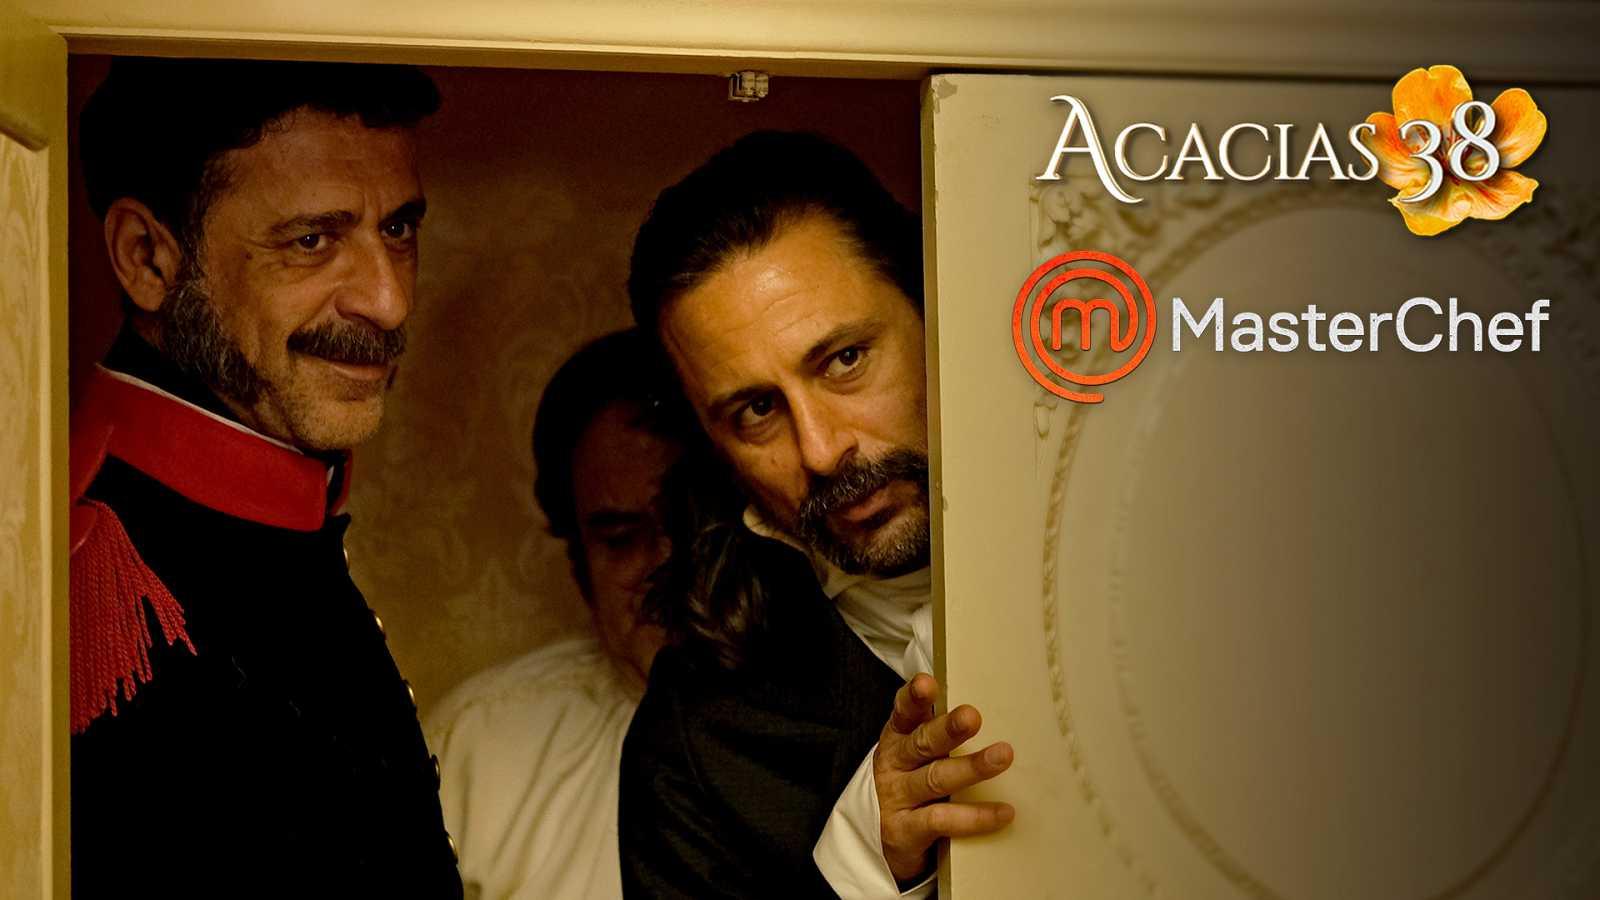 'Acacias 38' y 'MasterChef' se cuelan en 'El Ministerio del Tiempo'